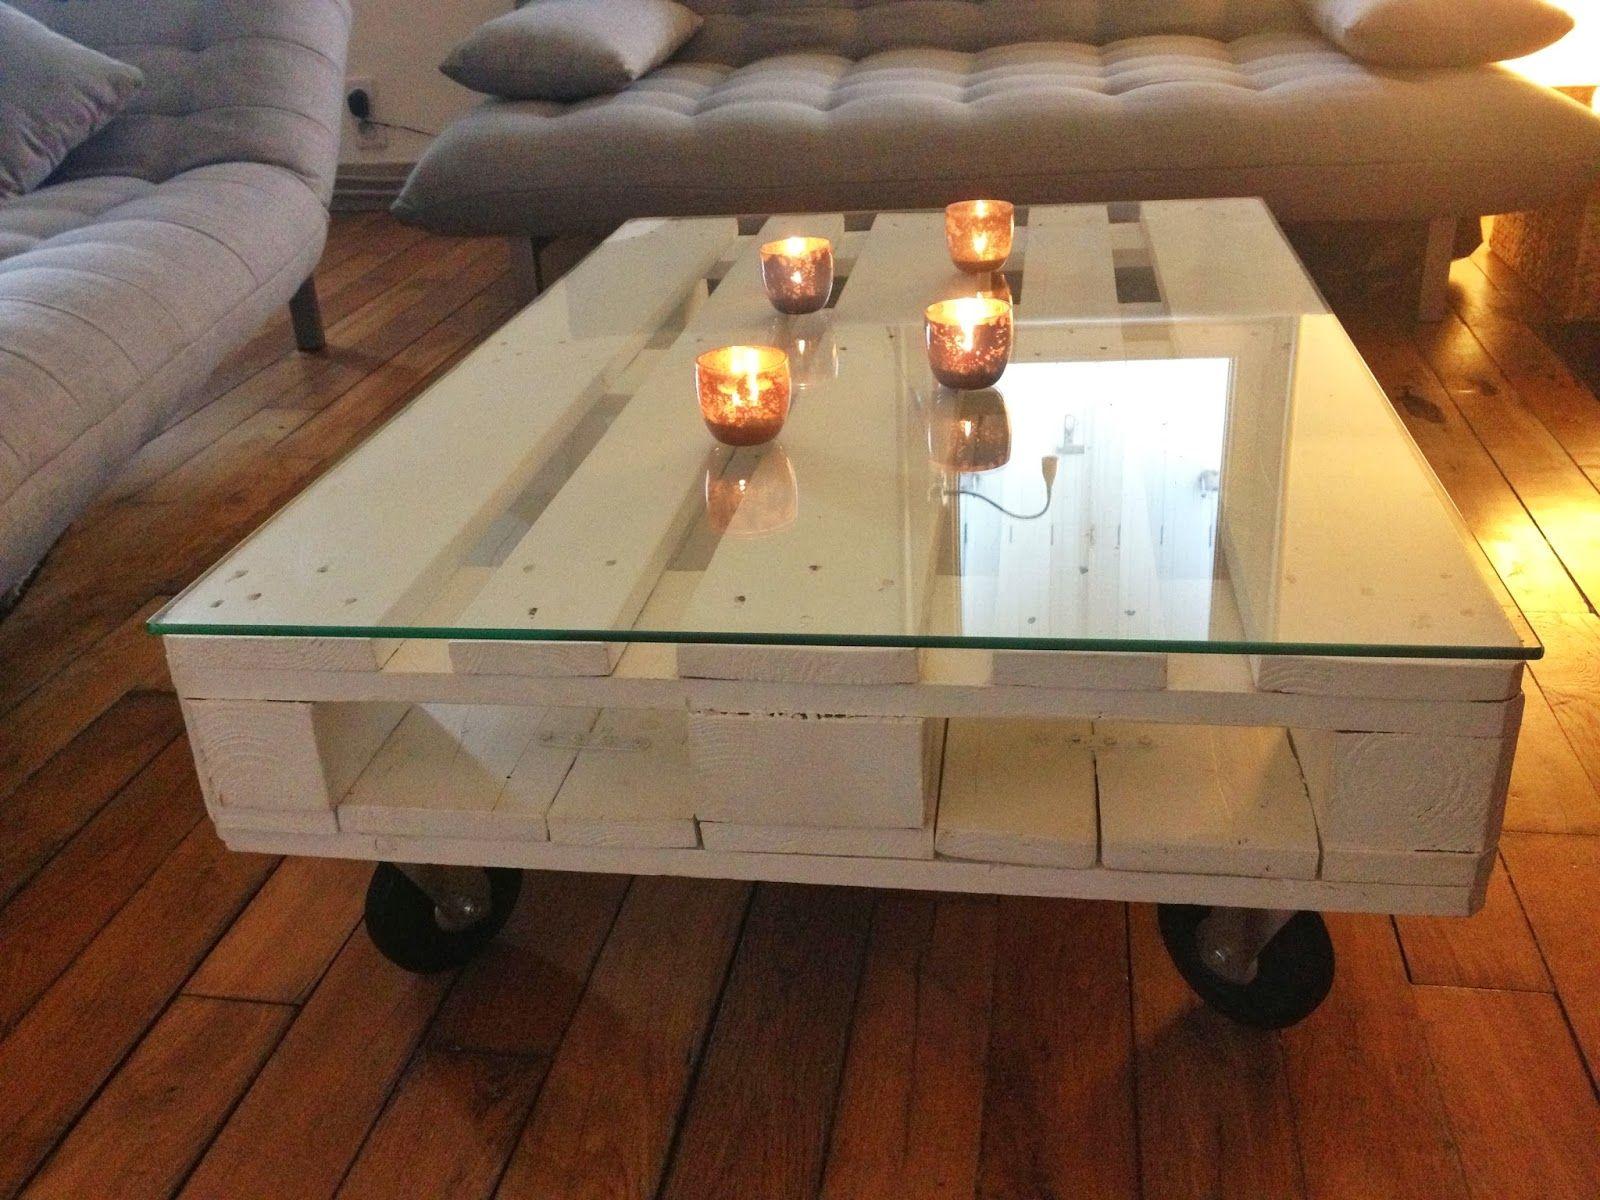 Comment Faire Une Table Basse Avec Palette En Bois Ld